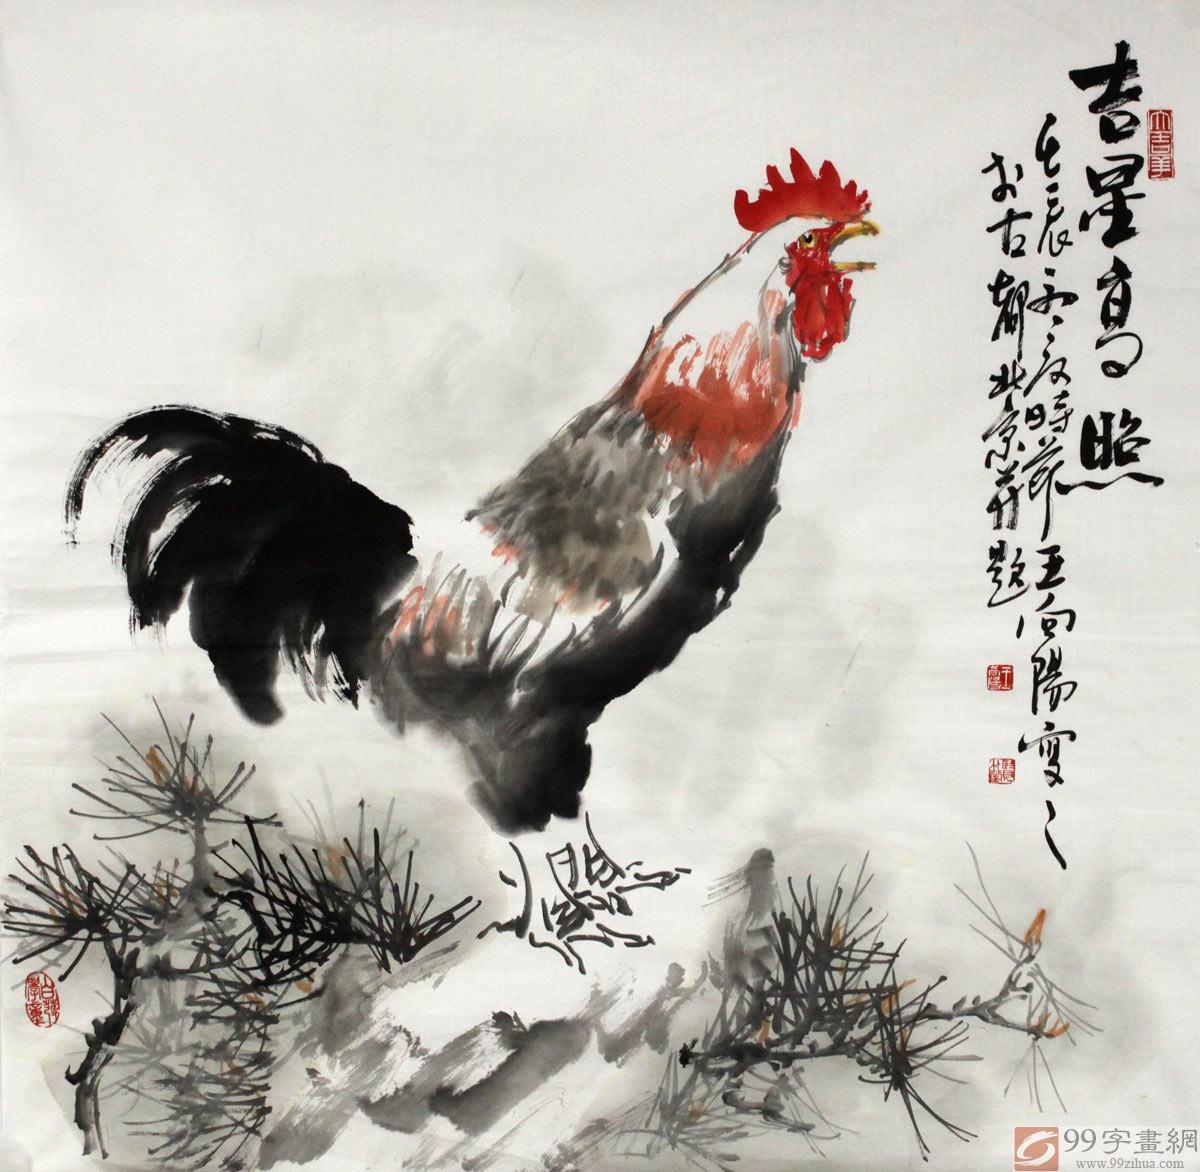 动物画尊崇自然,亲近自然,融入自然,将水墨的灵韵与心灵的诗情很好地